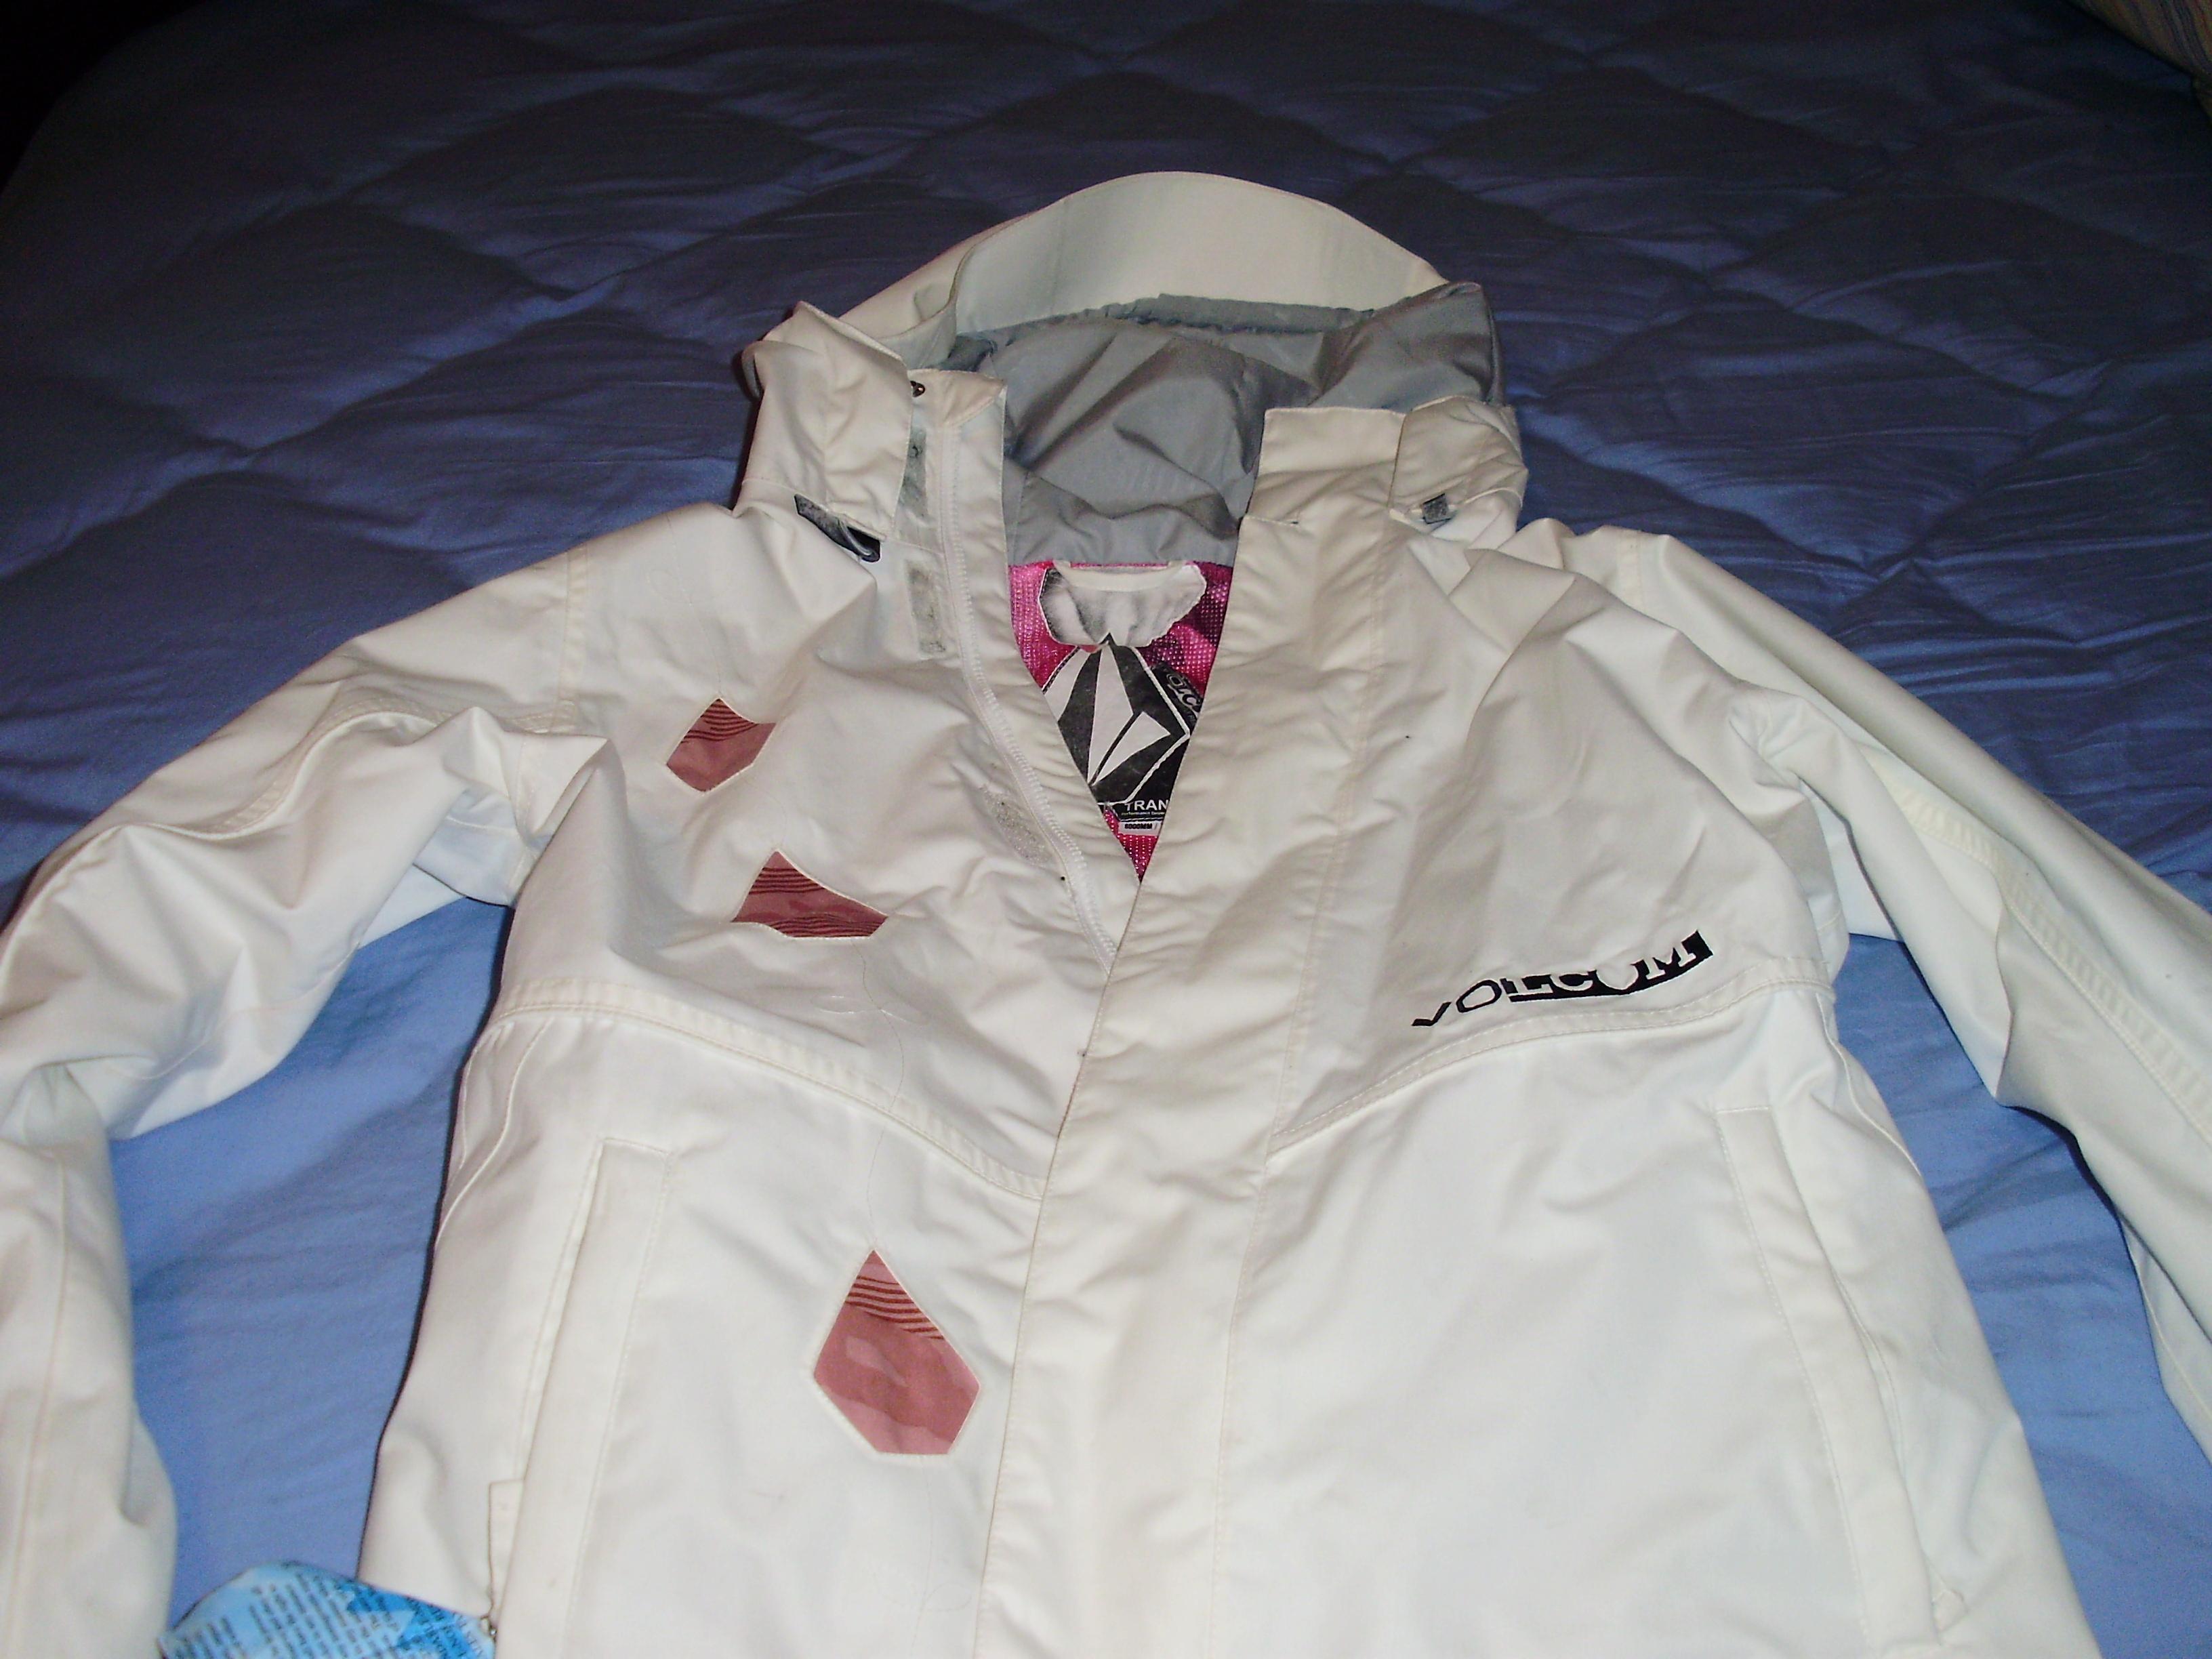 Volcom coat front view